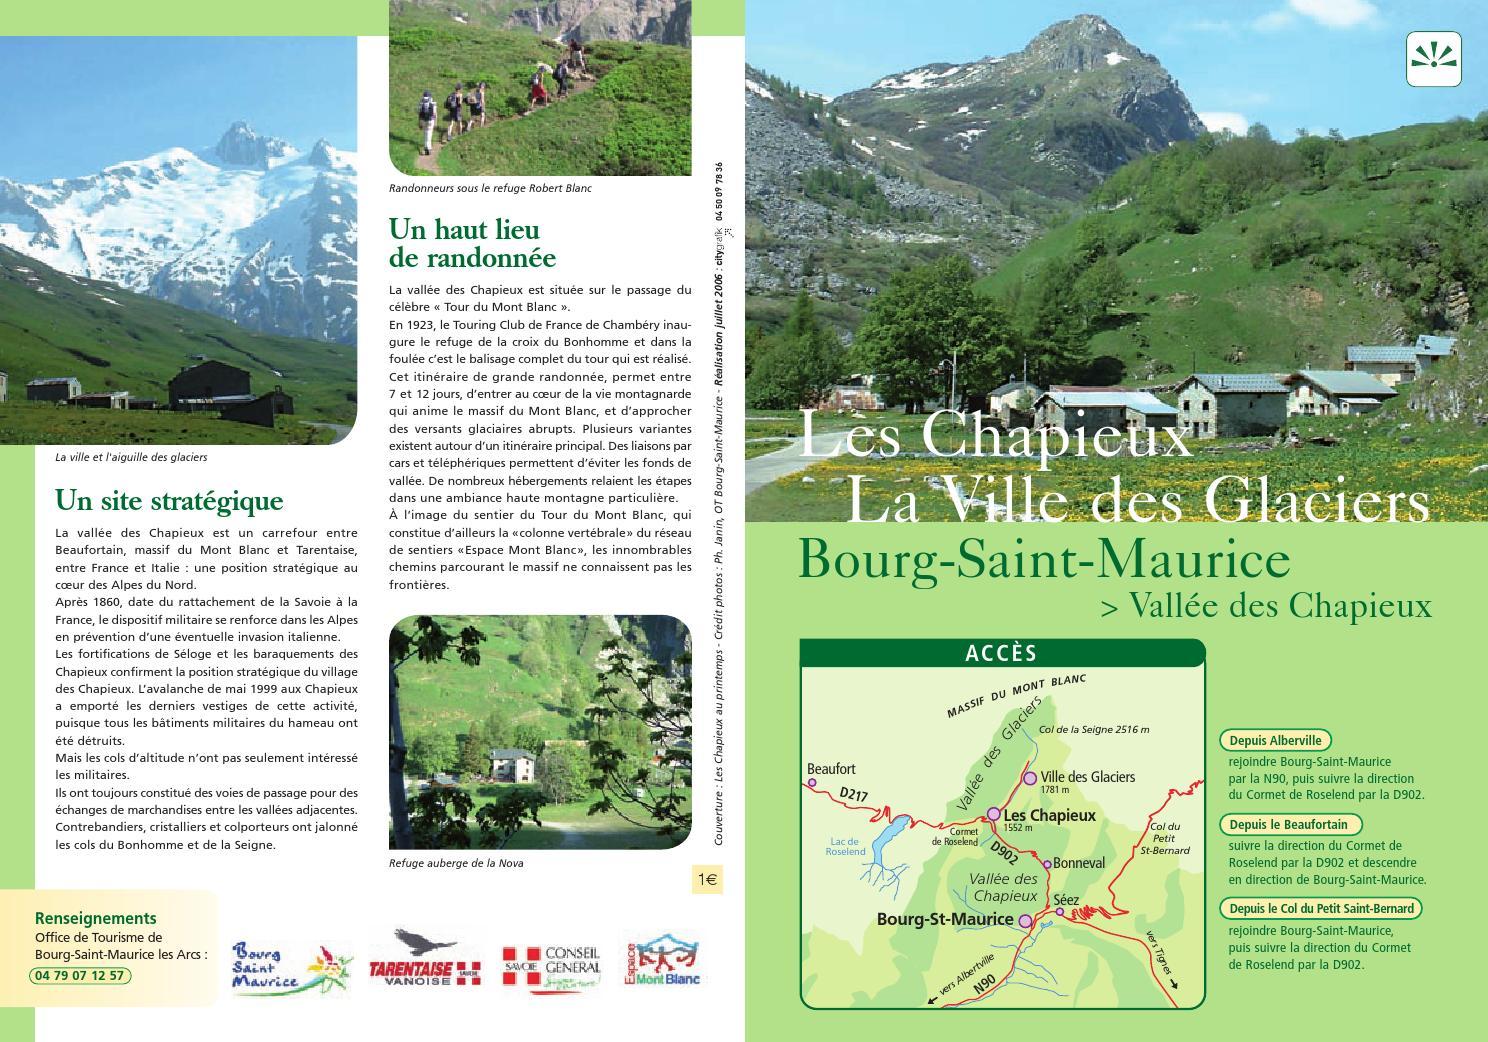 Les chapieux la ville des glaciers by bourg saint maurice les arcs issuu - Office de tourisme de bourg saint maurice ...